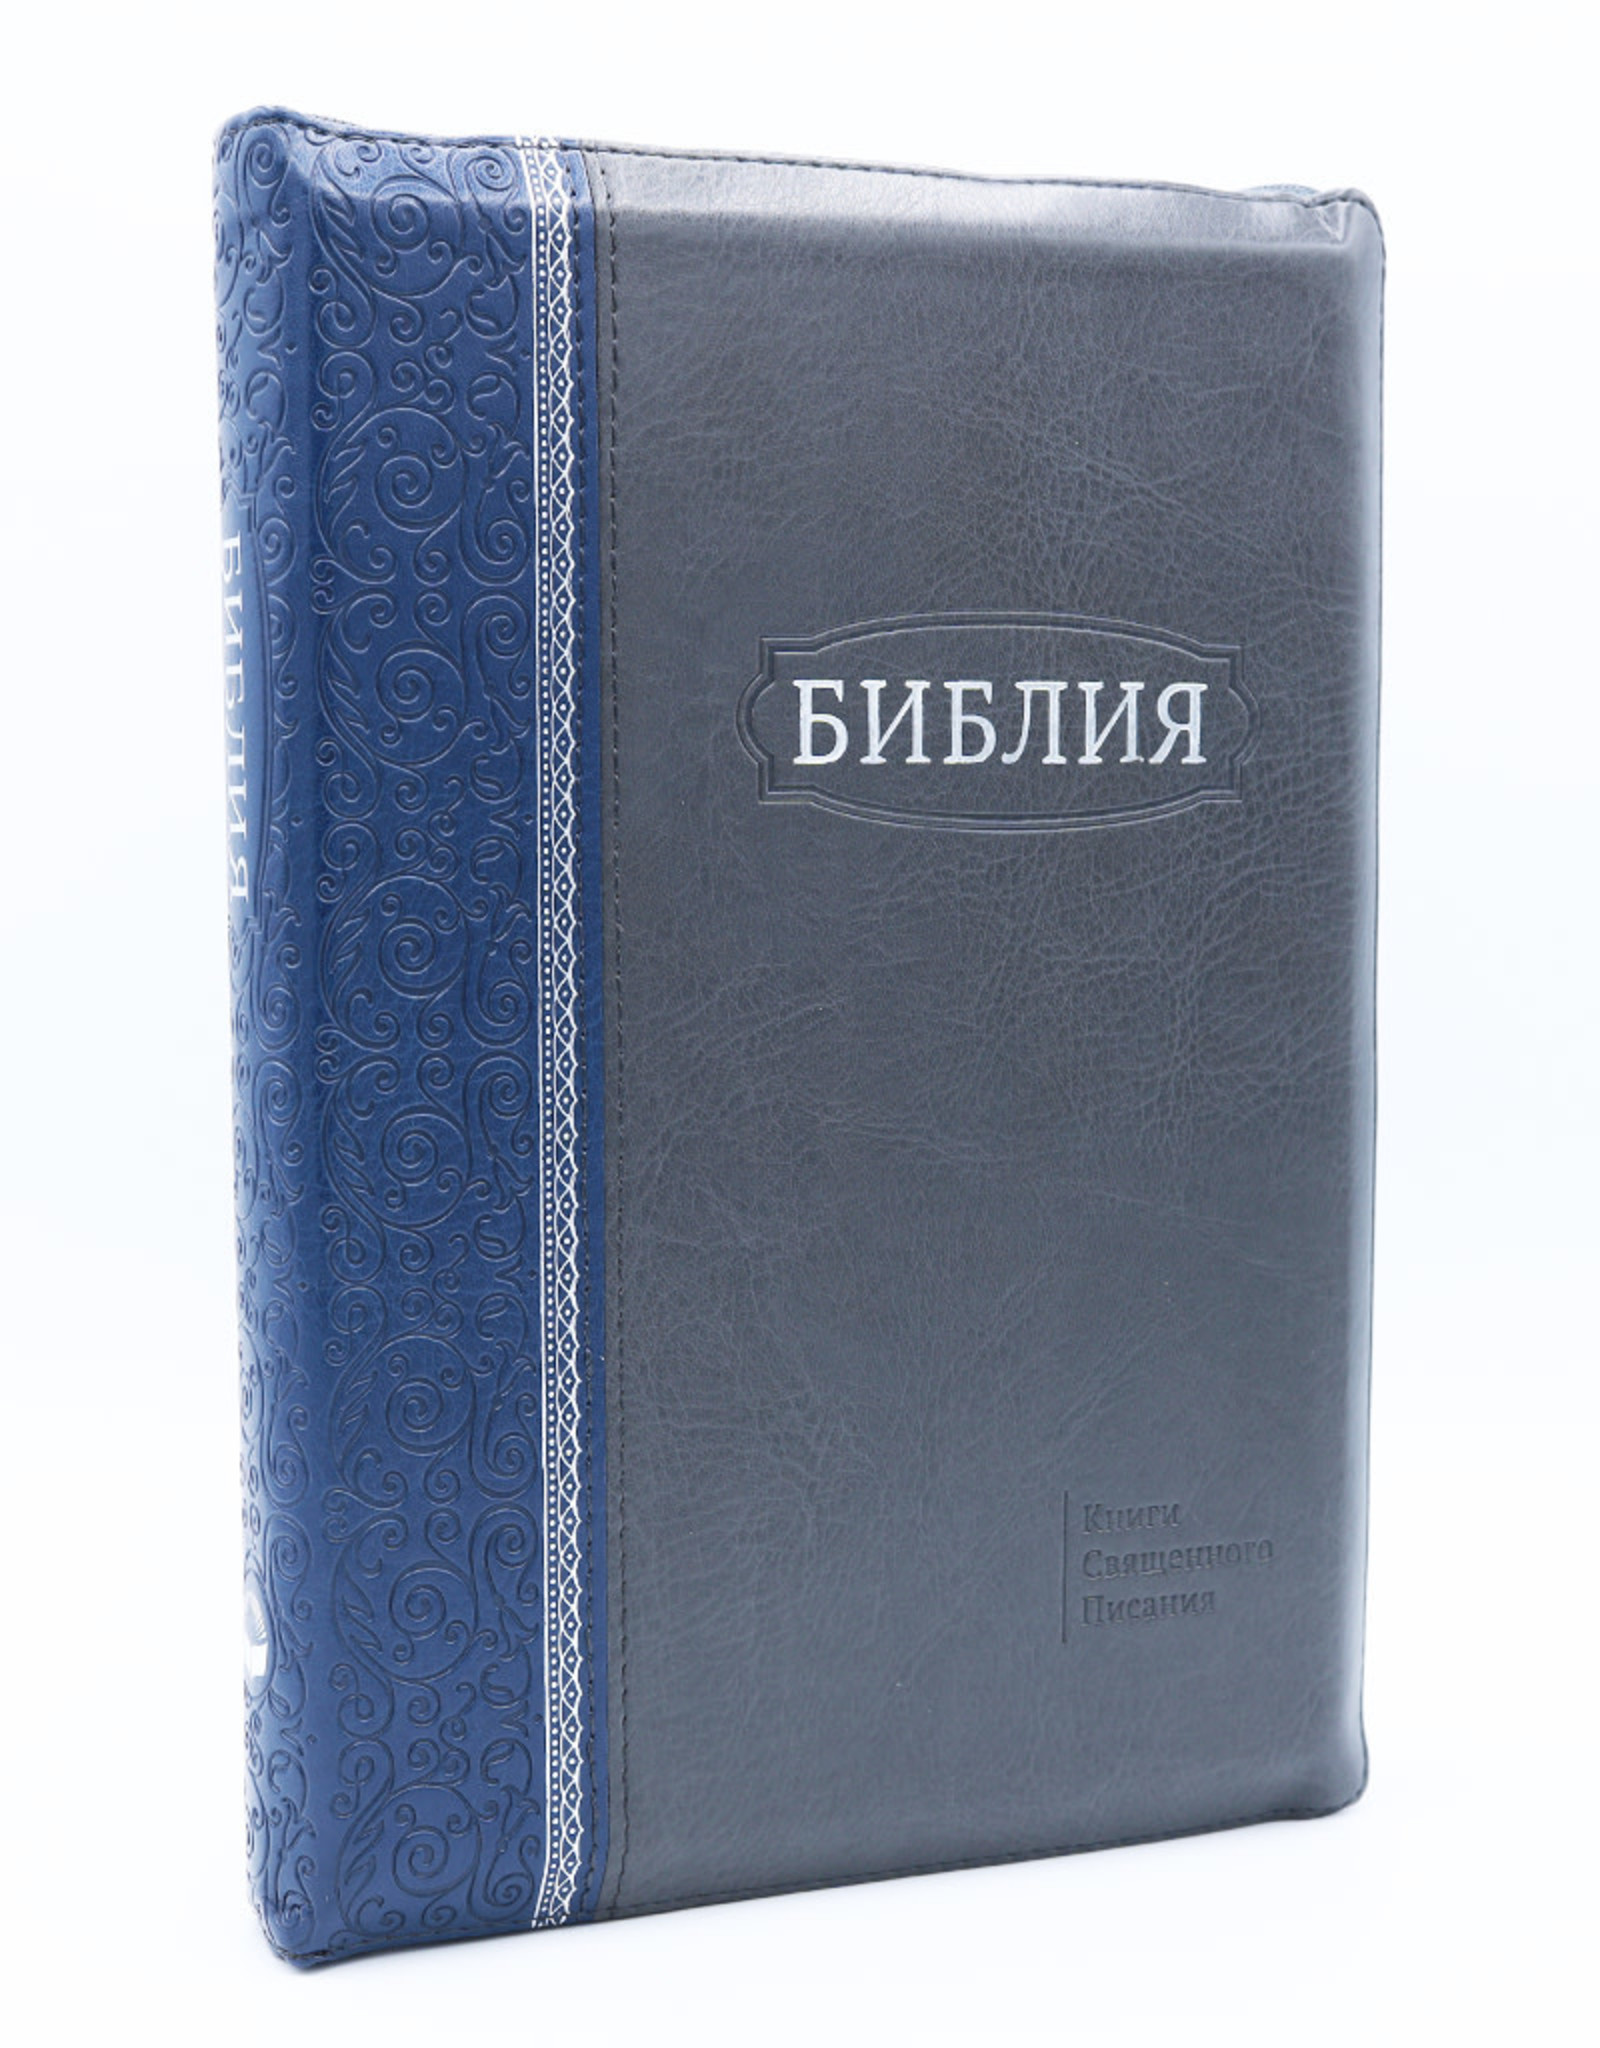 Библия, Каноническая (SYNO), Заменитель Кожи, Серая с Узором, Индексы, Большая